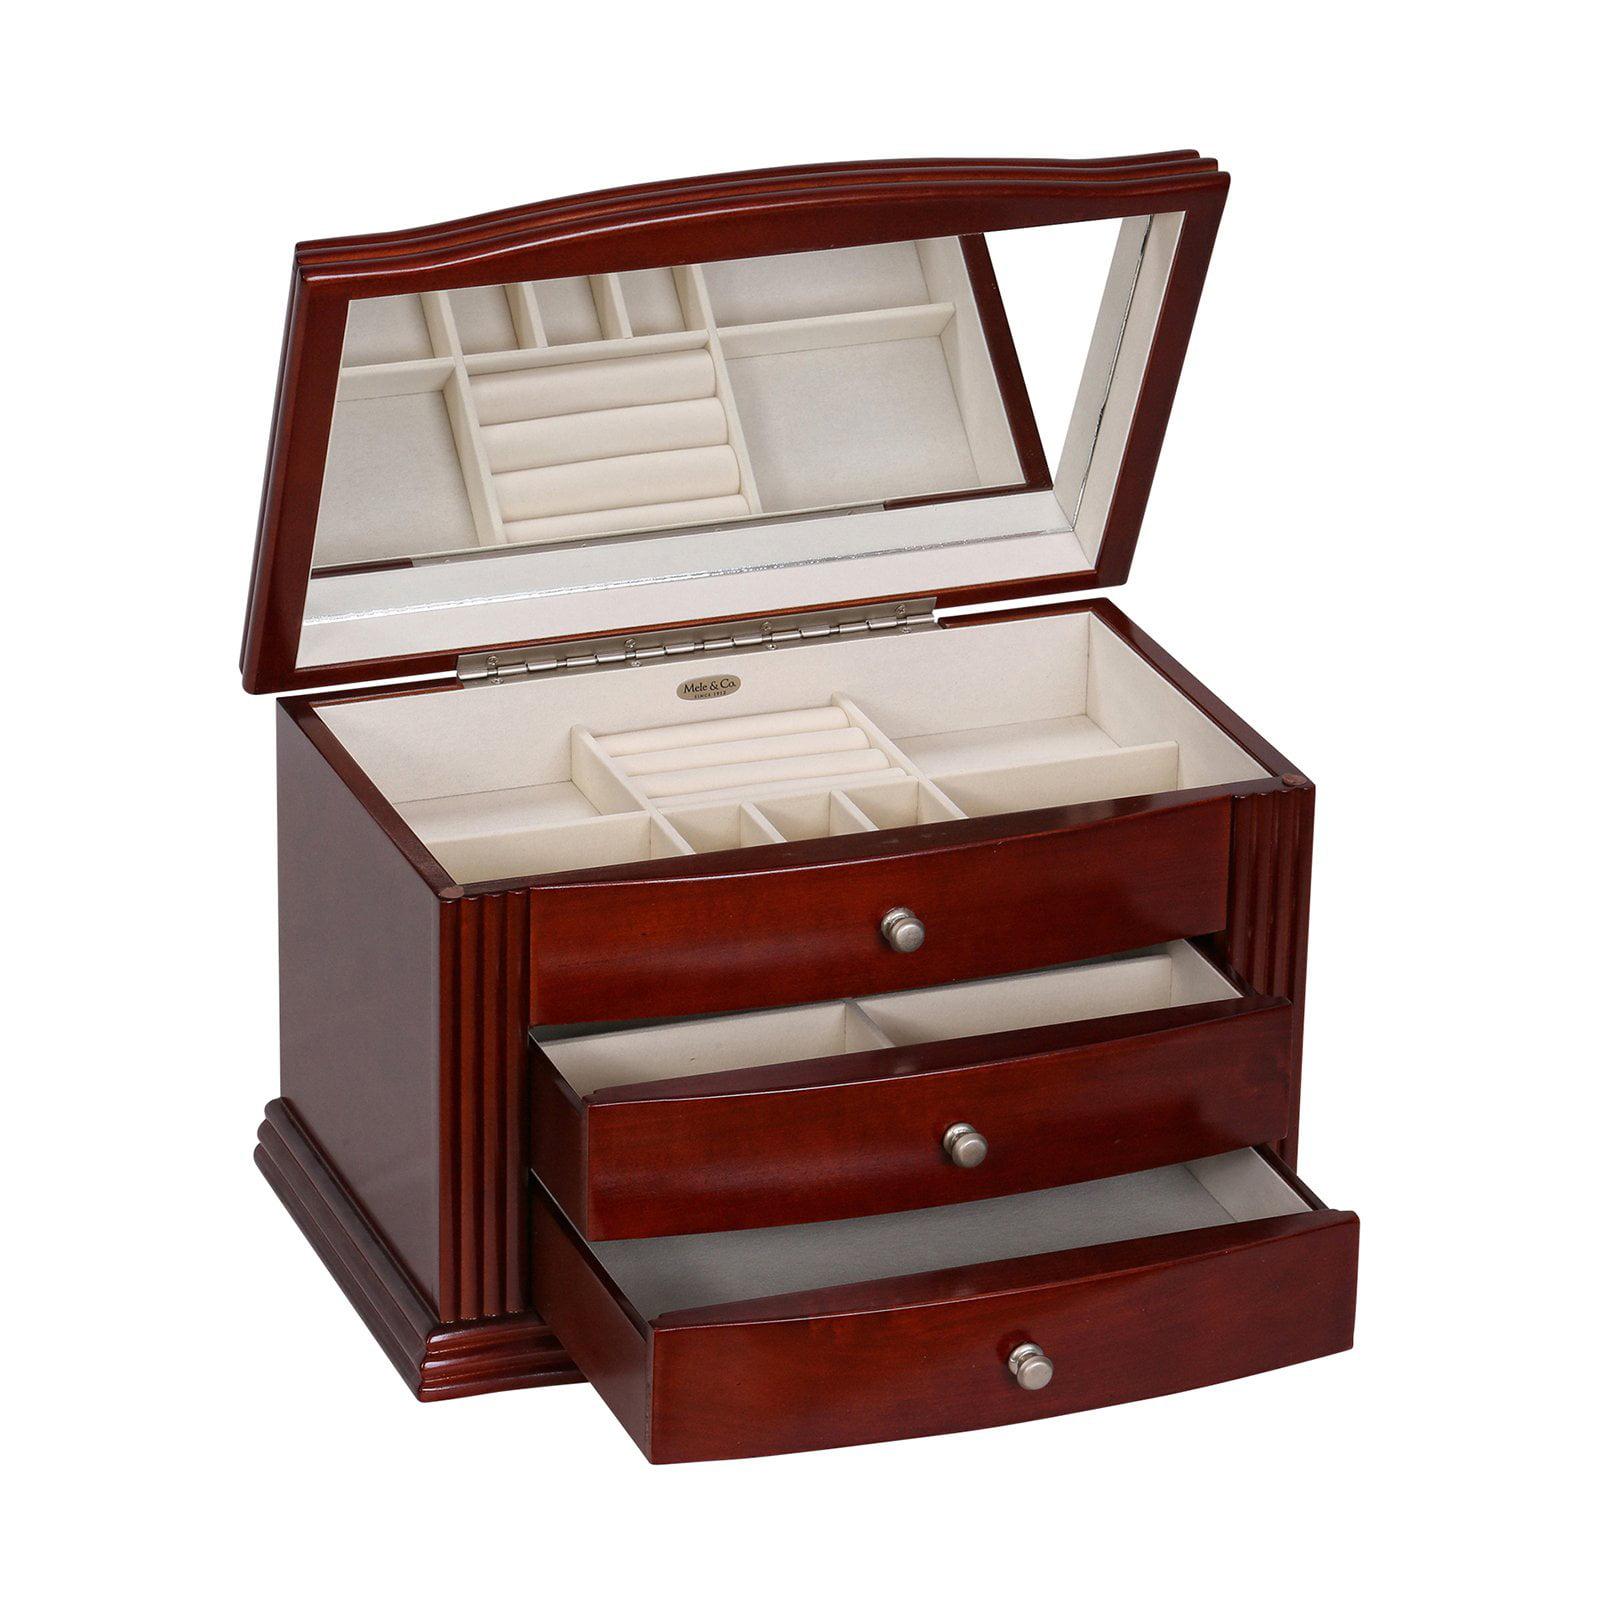 Mele & Co. Georgia Wooden Jewelry Box - Walnut